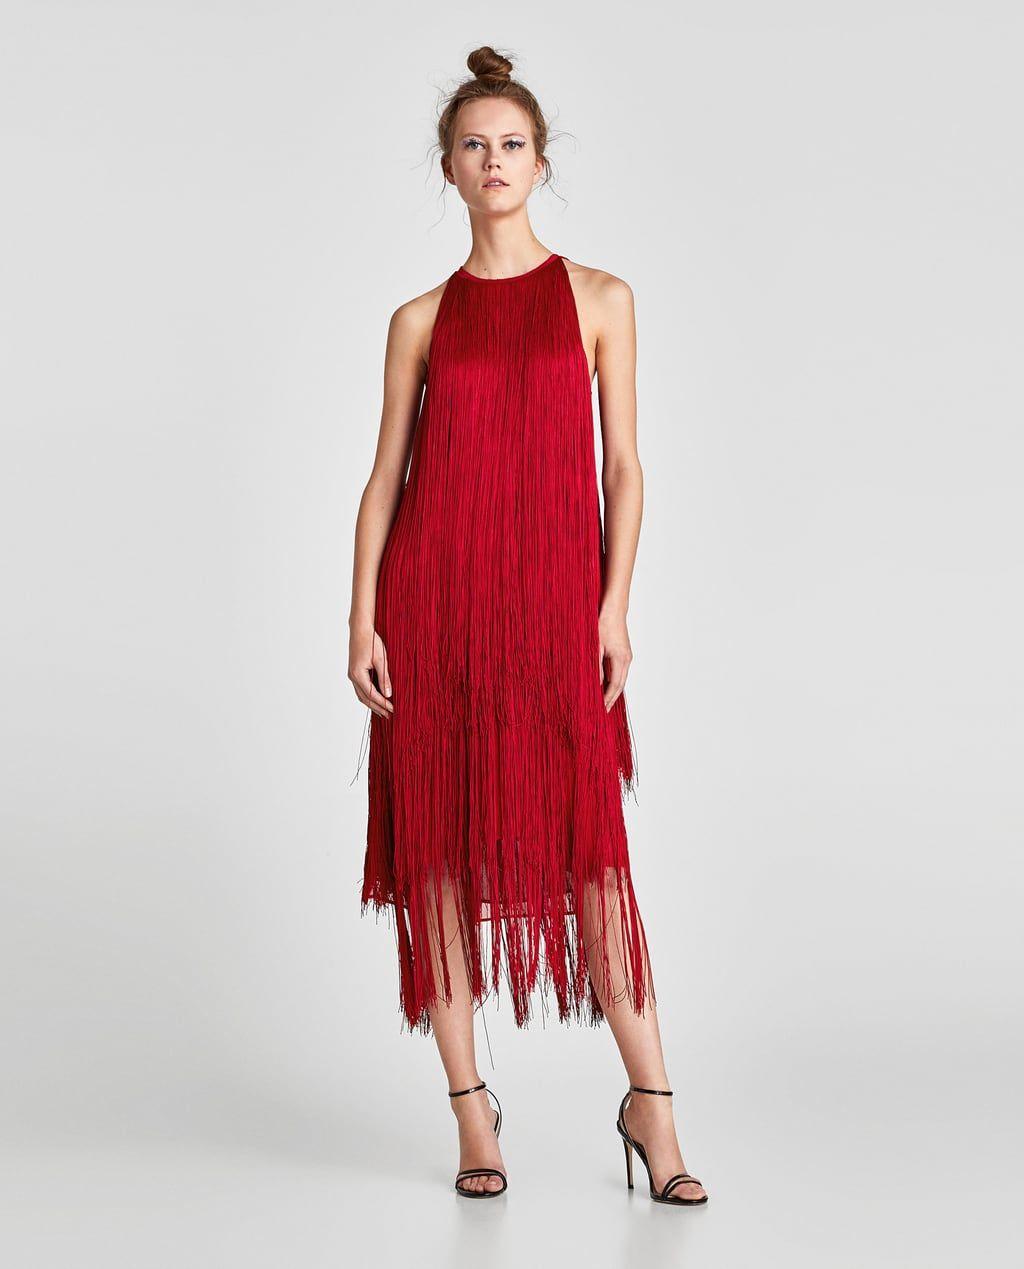 d4f03ed2 Bilde 1 fra KJOLE MED LANGE FRYNSER fra Zara | Dress up | Dresses ...